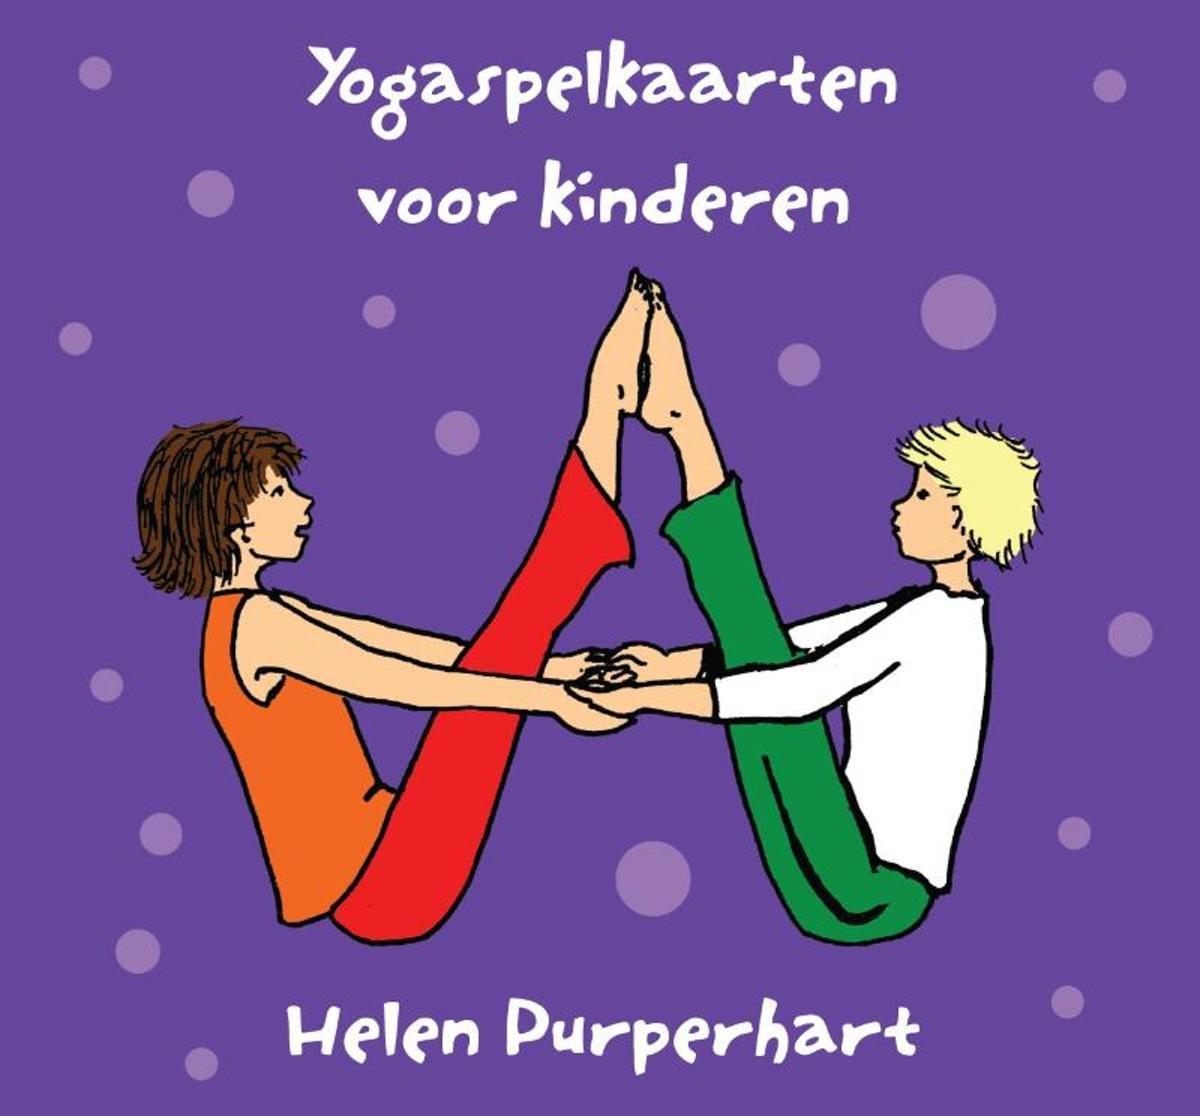 Afbeelding van het spel Yogaspelkaarten voor kinderen